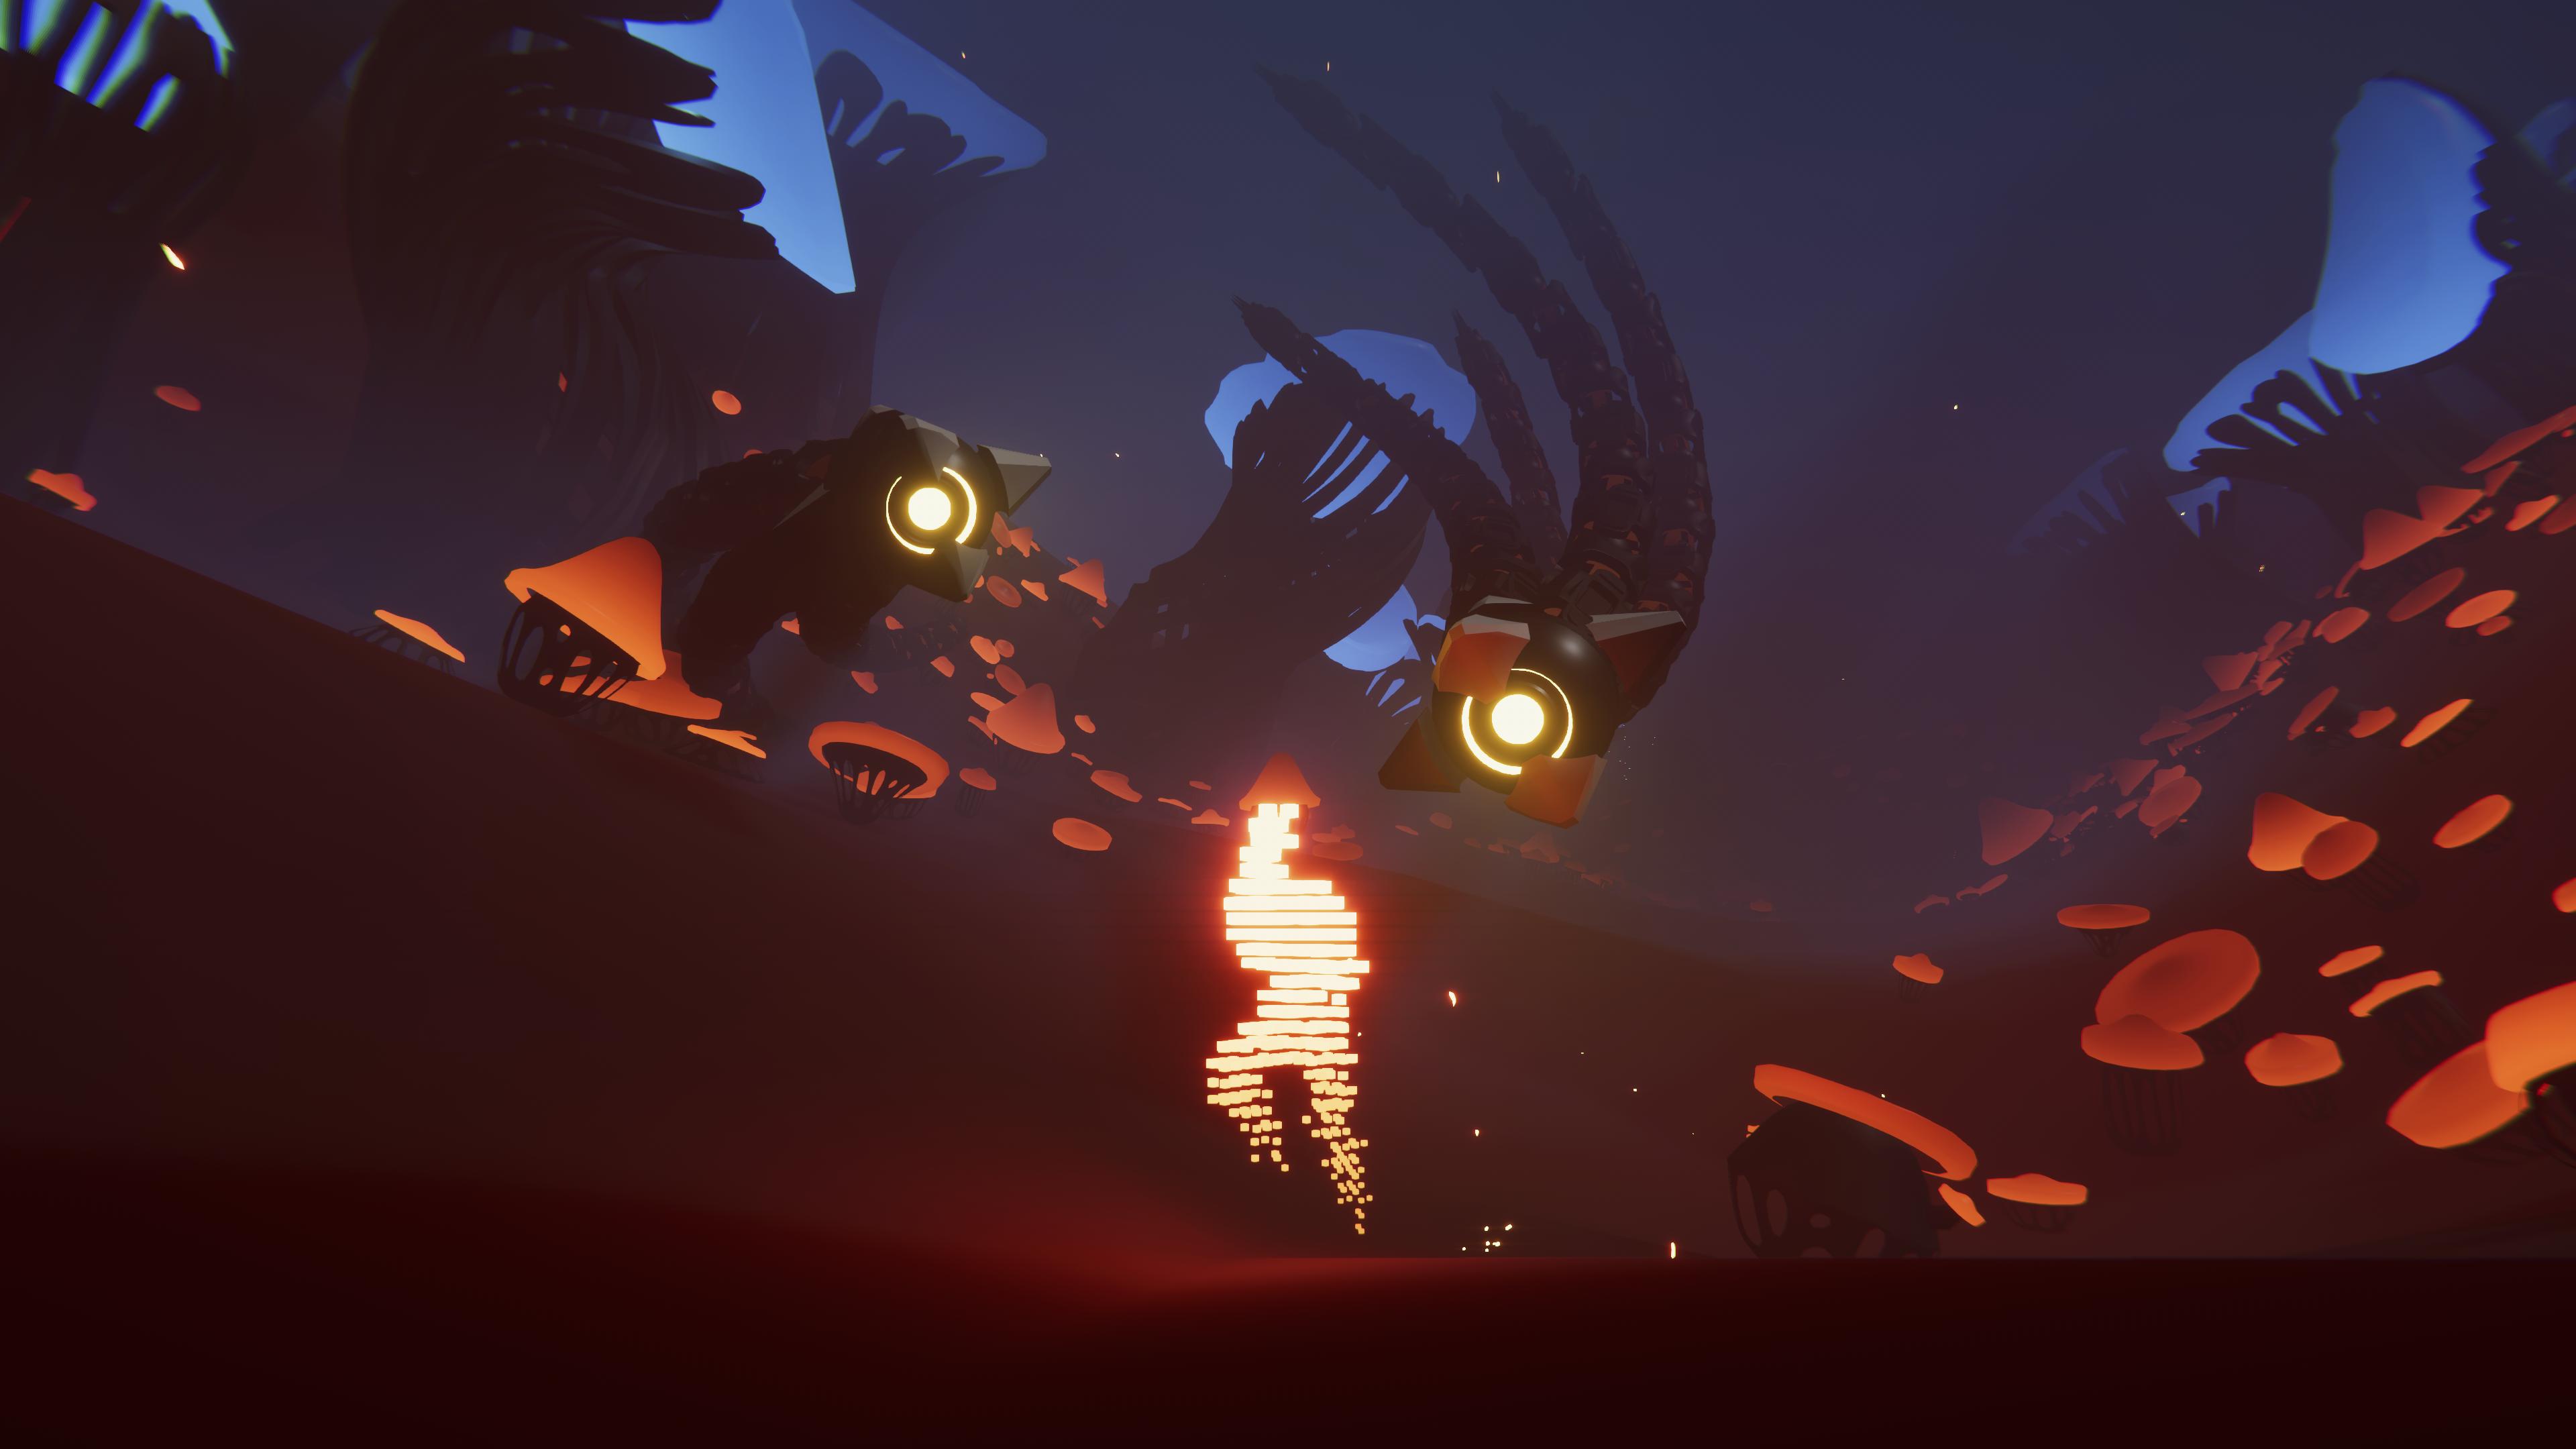 Istantanea della schermata di gioco di Recompile per PS5